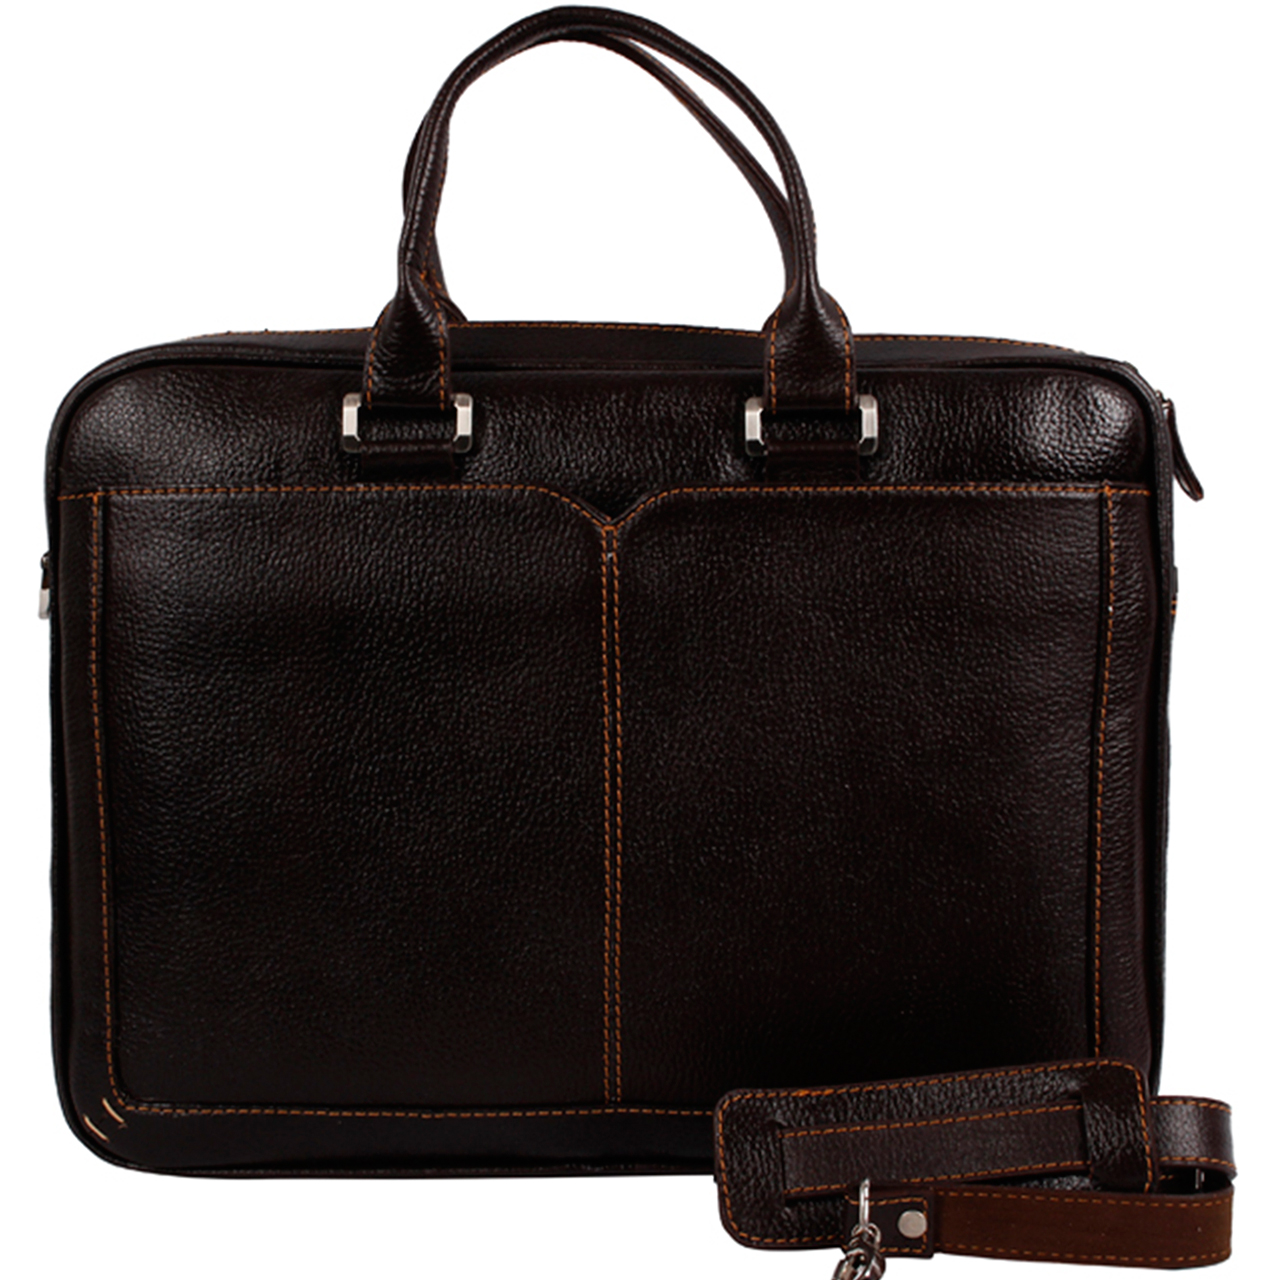 کیف اداری رویال چرم کدBL21-DarkBrown